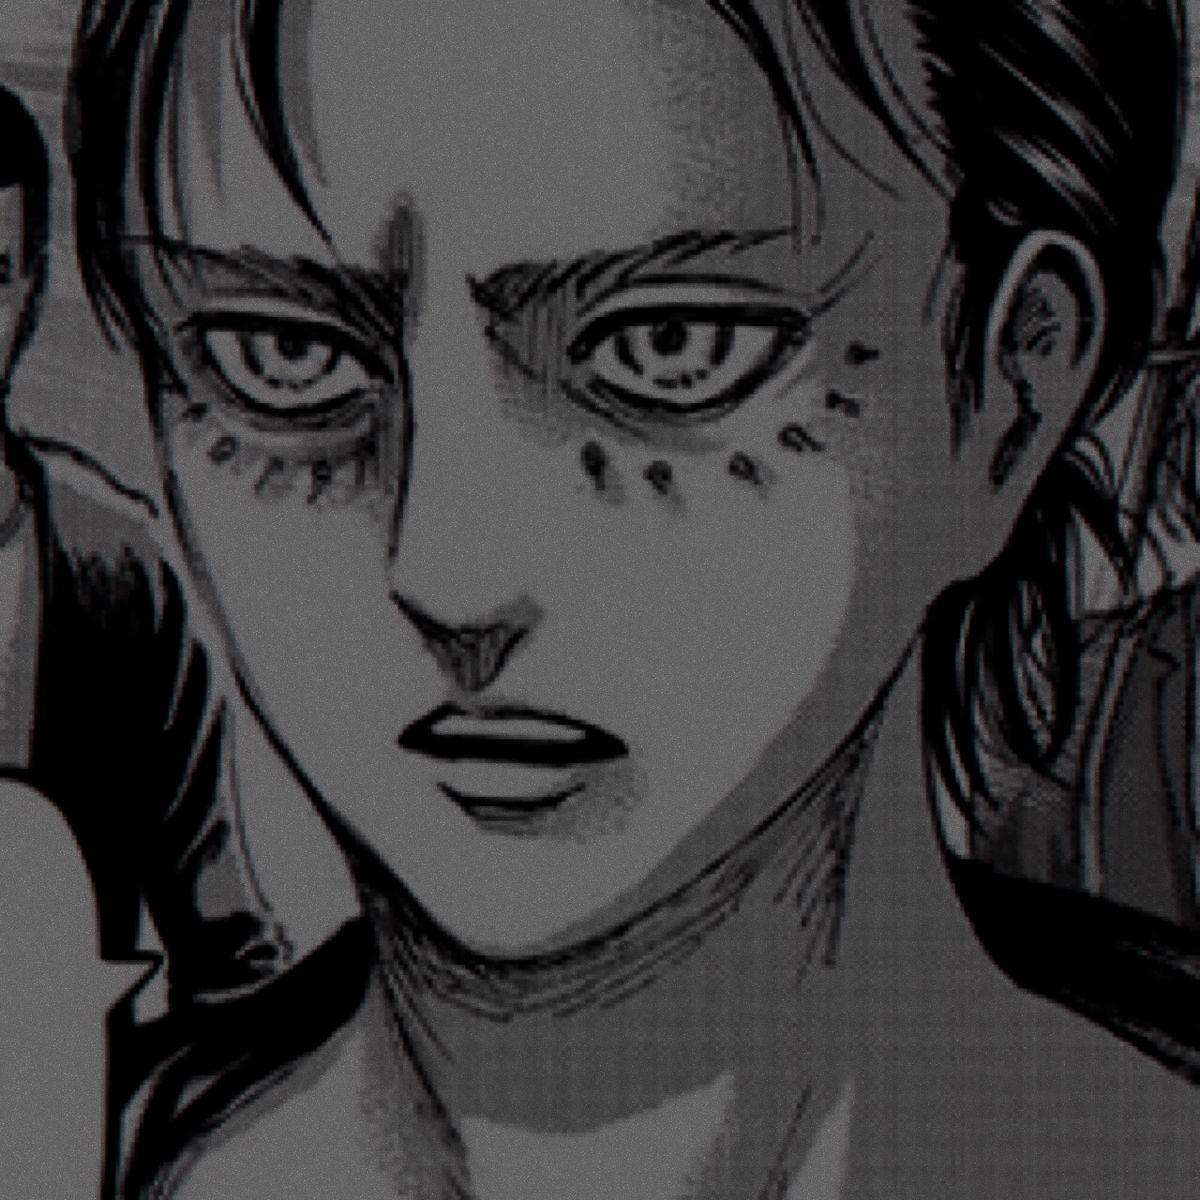 Н™šð™§ð™šð™£ Н™Ÿð™šð™–𝙜𝙚𝙧 Н™žð™˜ð™¤ð™£ð™¨ Н™—𝙮 Н™¢ð™š Attack On Titan Eren Manga Eren Jaeger Encontre este pin e muitos outros na pasta manga icons de santiago puente. attack on titan eren